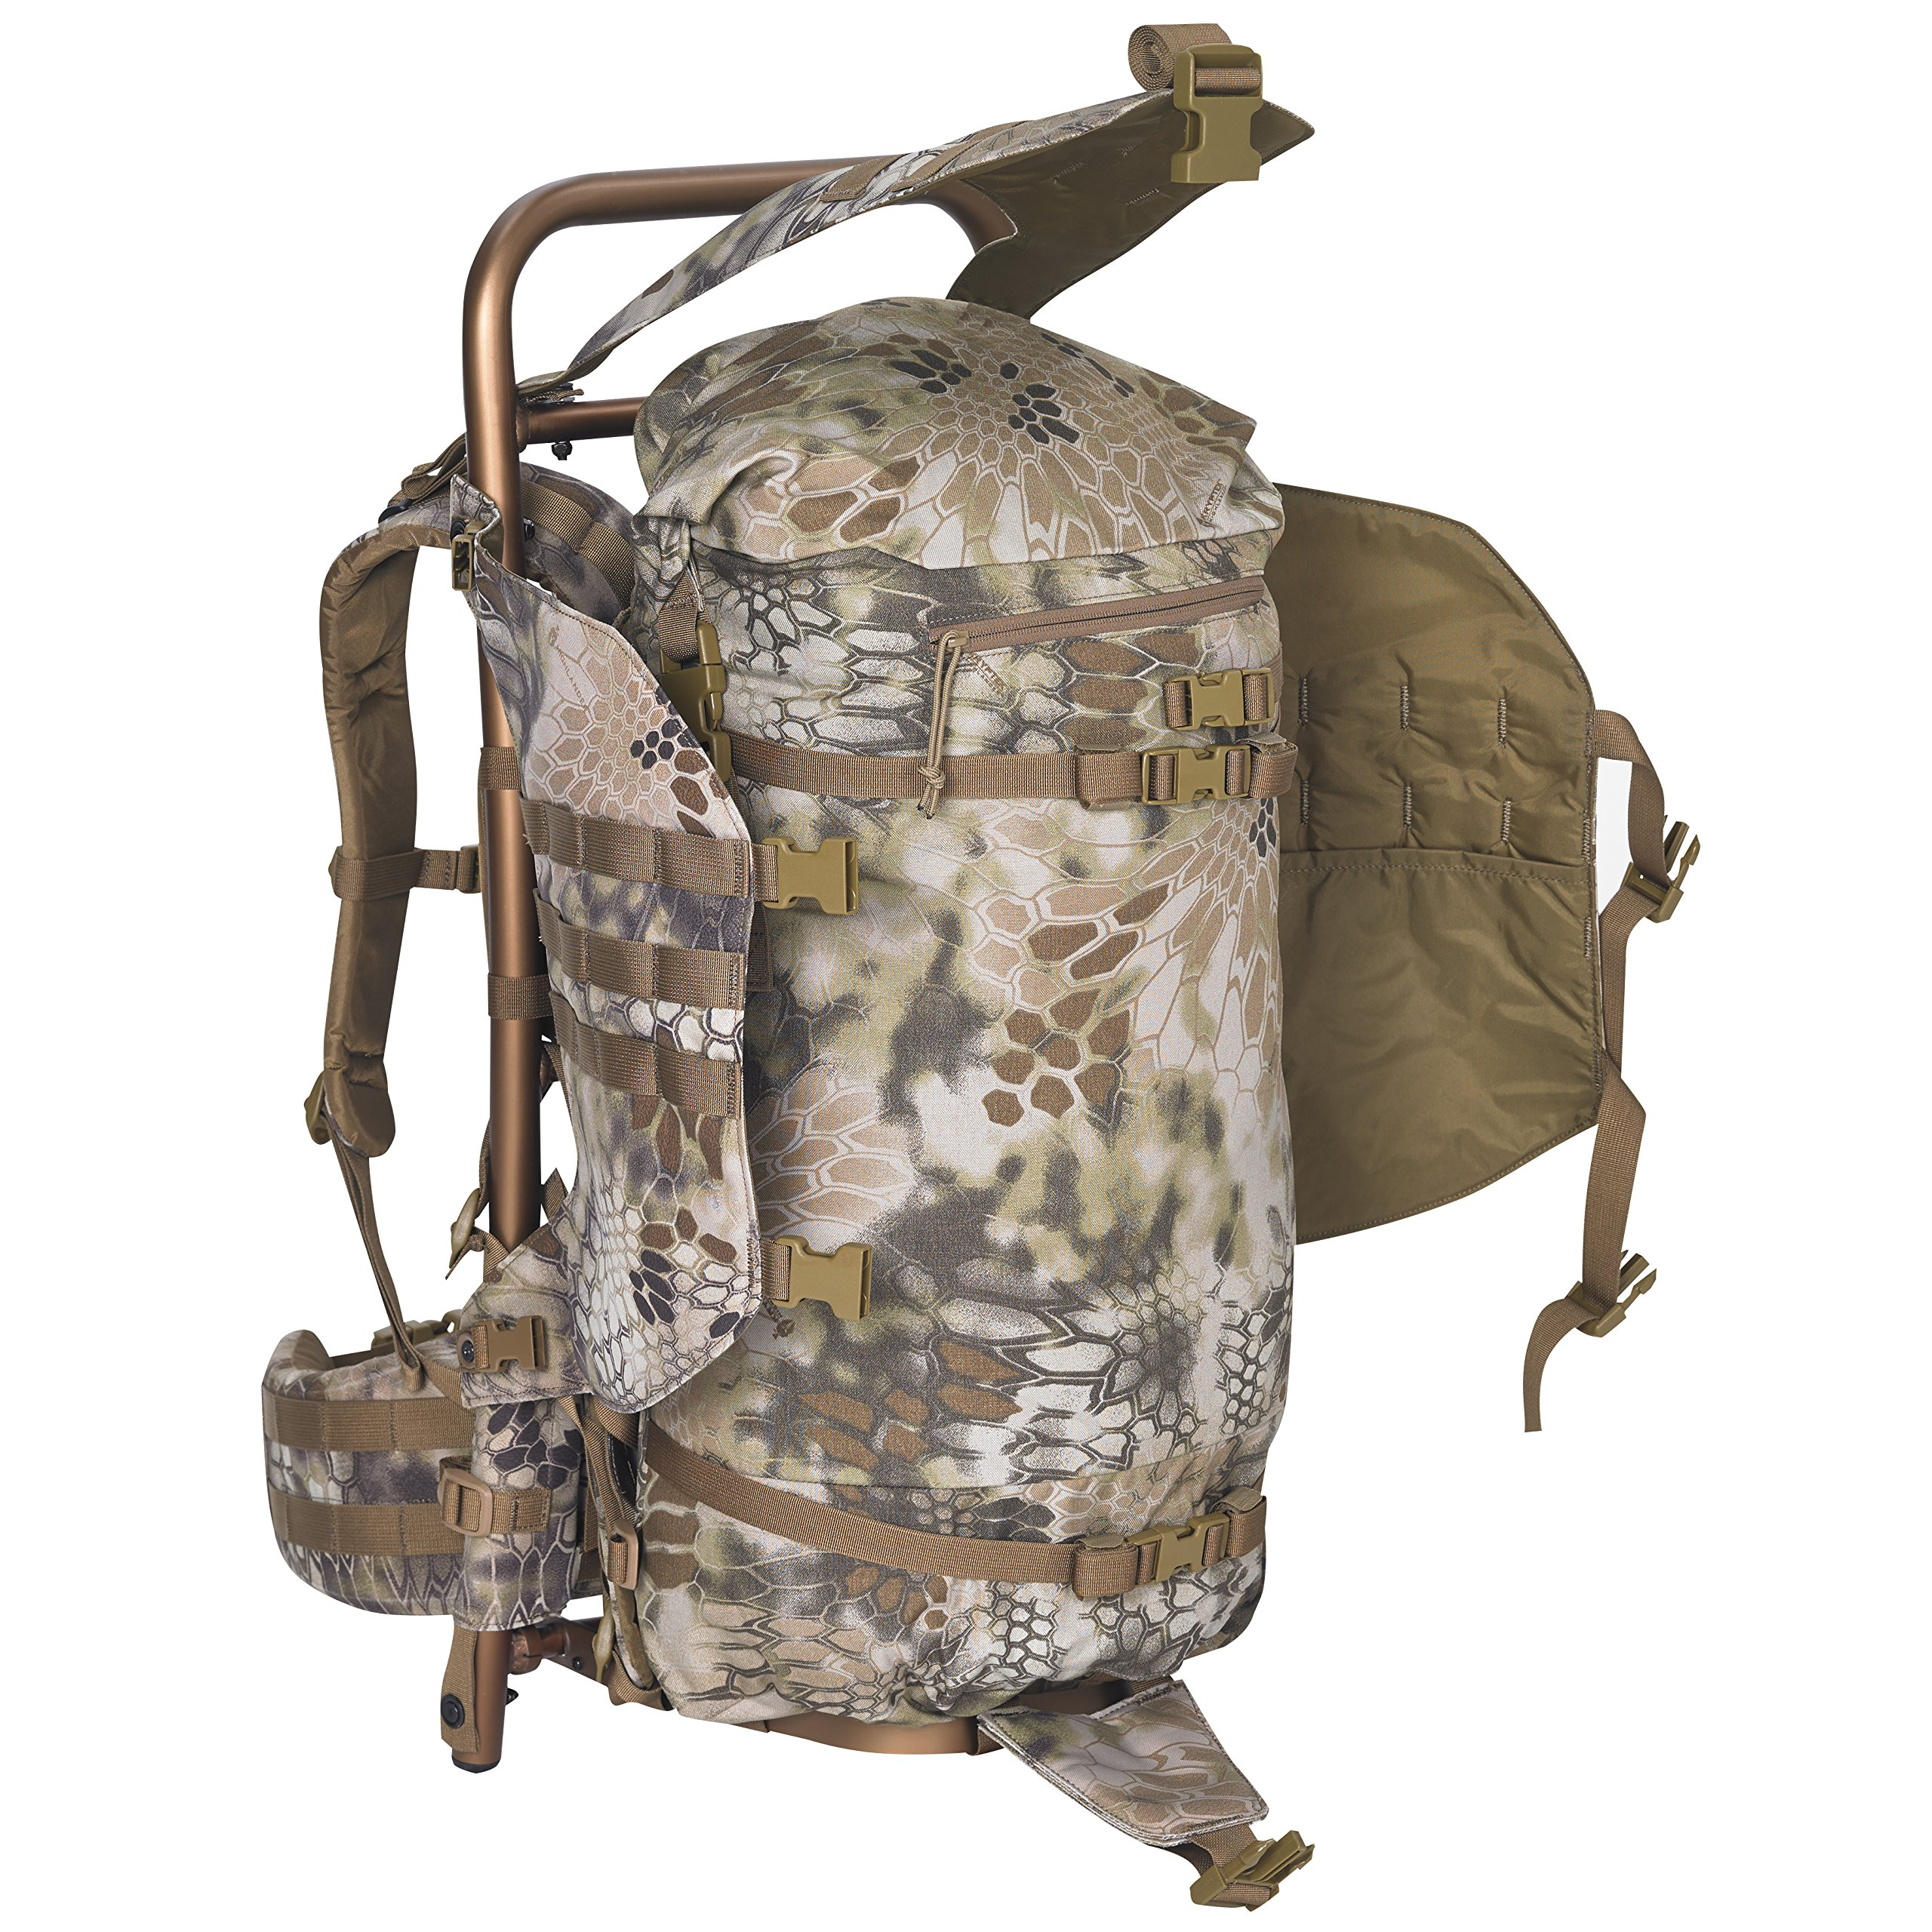 Slumberjack Rail Hauler 2500 Backpack, Kryptek by Slumberjack (Image #3)